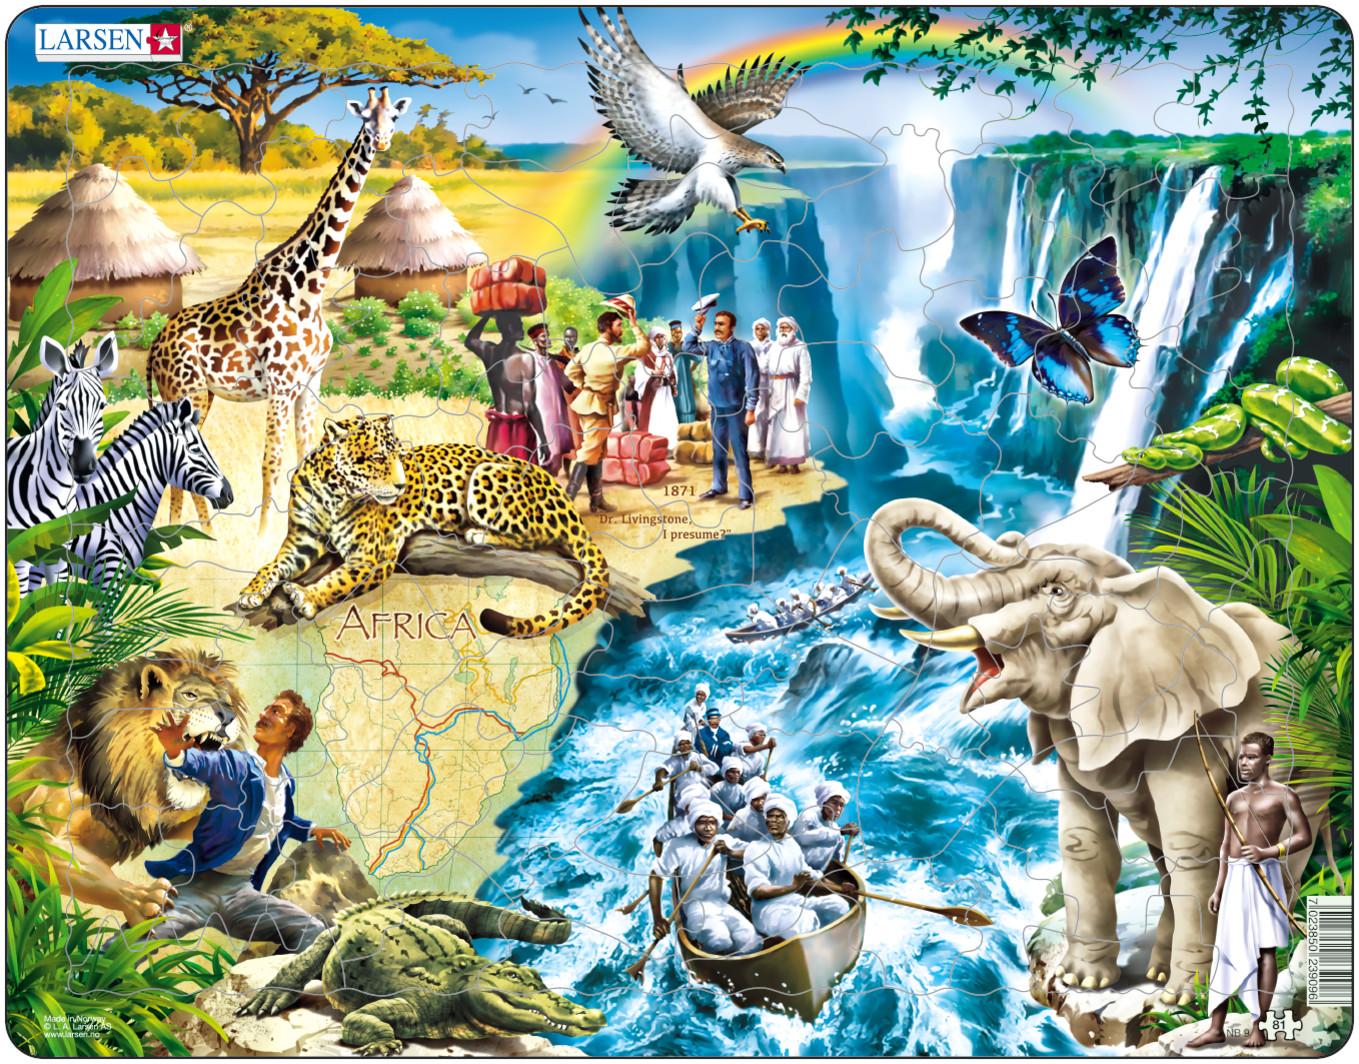 Larsen Пазл Дэвид ЛивингстоунNB9Пазл Larsen Дэвид Ливингстоун станет отличным развлечением для вашего ребенка. Пазл позволит ребенку собрать красочную картинку, посвященную великому шотландскому исследователю Африки Дэвиду Ливингстону. На пазле изображены различные африканские животные и аборигены на фоне прекрасного пейзажа. Выполненные из высококачественного трехслойного картона, пазлы Larsen не деформируются. Все пазлы снабжены специальной подложкой, благодаря чему их удобно собирать. Игра с пазлами благоприятно влияет на развитие ребенка. Веселая игра сопровождается манипуляциями с мелкими предметами, сопоставлением и сложением деталей, в результате чего развивается сенсорное восприятие и мелкая моторика. Порадуйте своего малыша таким замечательным подарком!